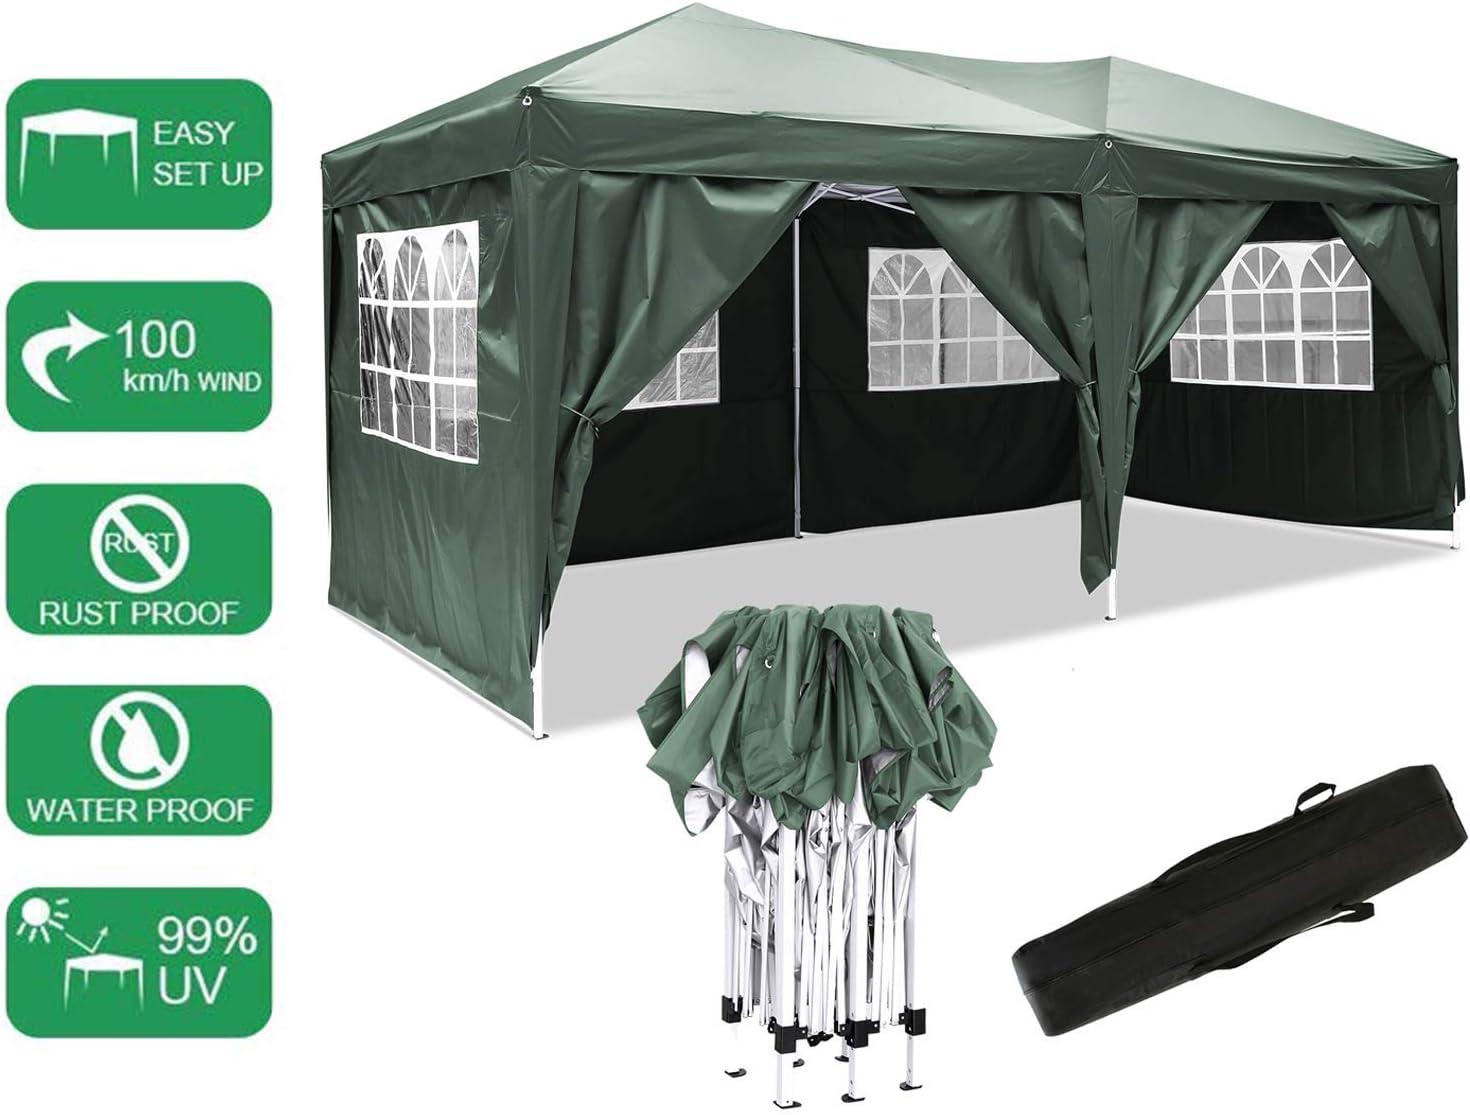 Carpa con Paredes 3x6 m | Plegable, Impermeable, con Protección Solar, Ideal para Fiestas en el Jardín | Gazebo, Cenador, Pabellón, Tienda Fiestas | persona 10-12 (Typ_6): Amazon.es: Jardín